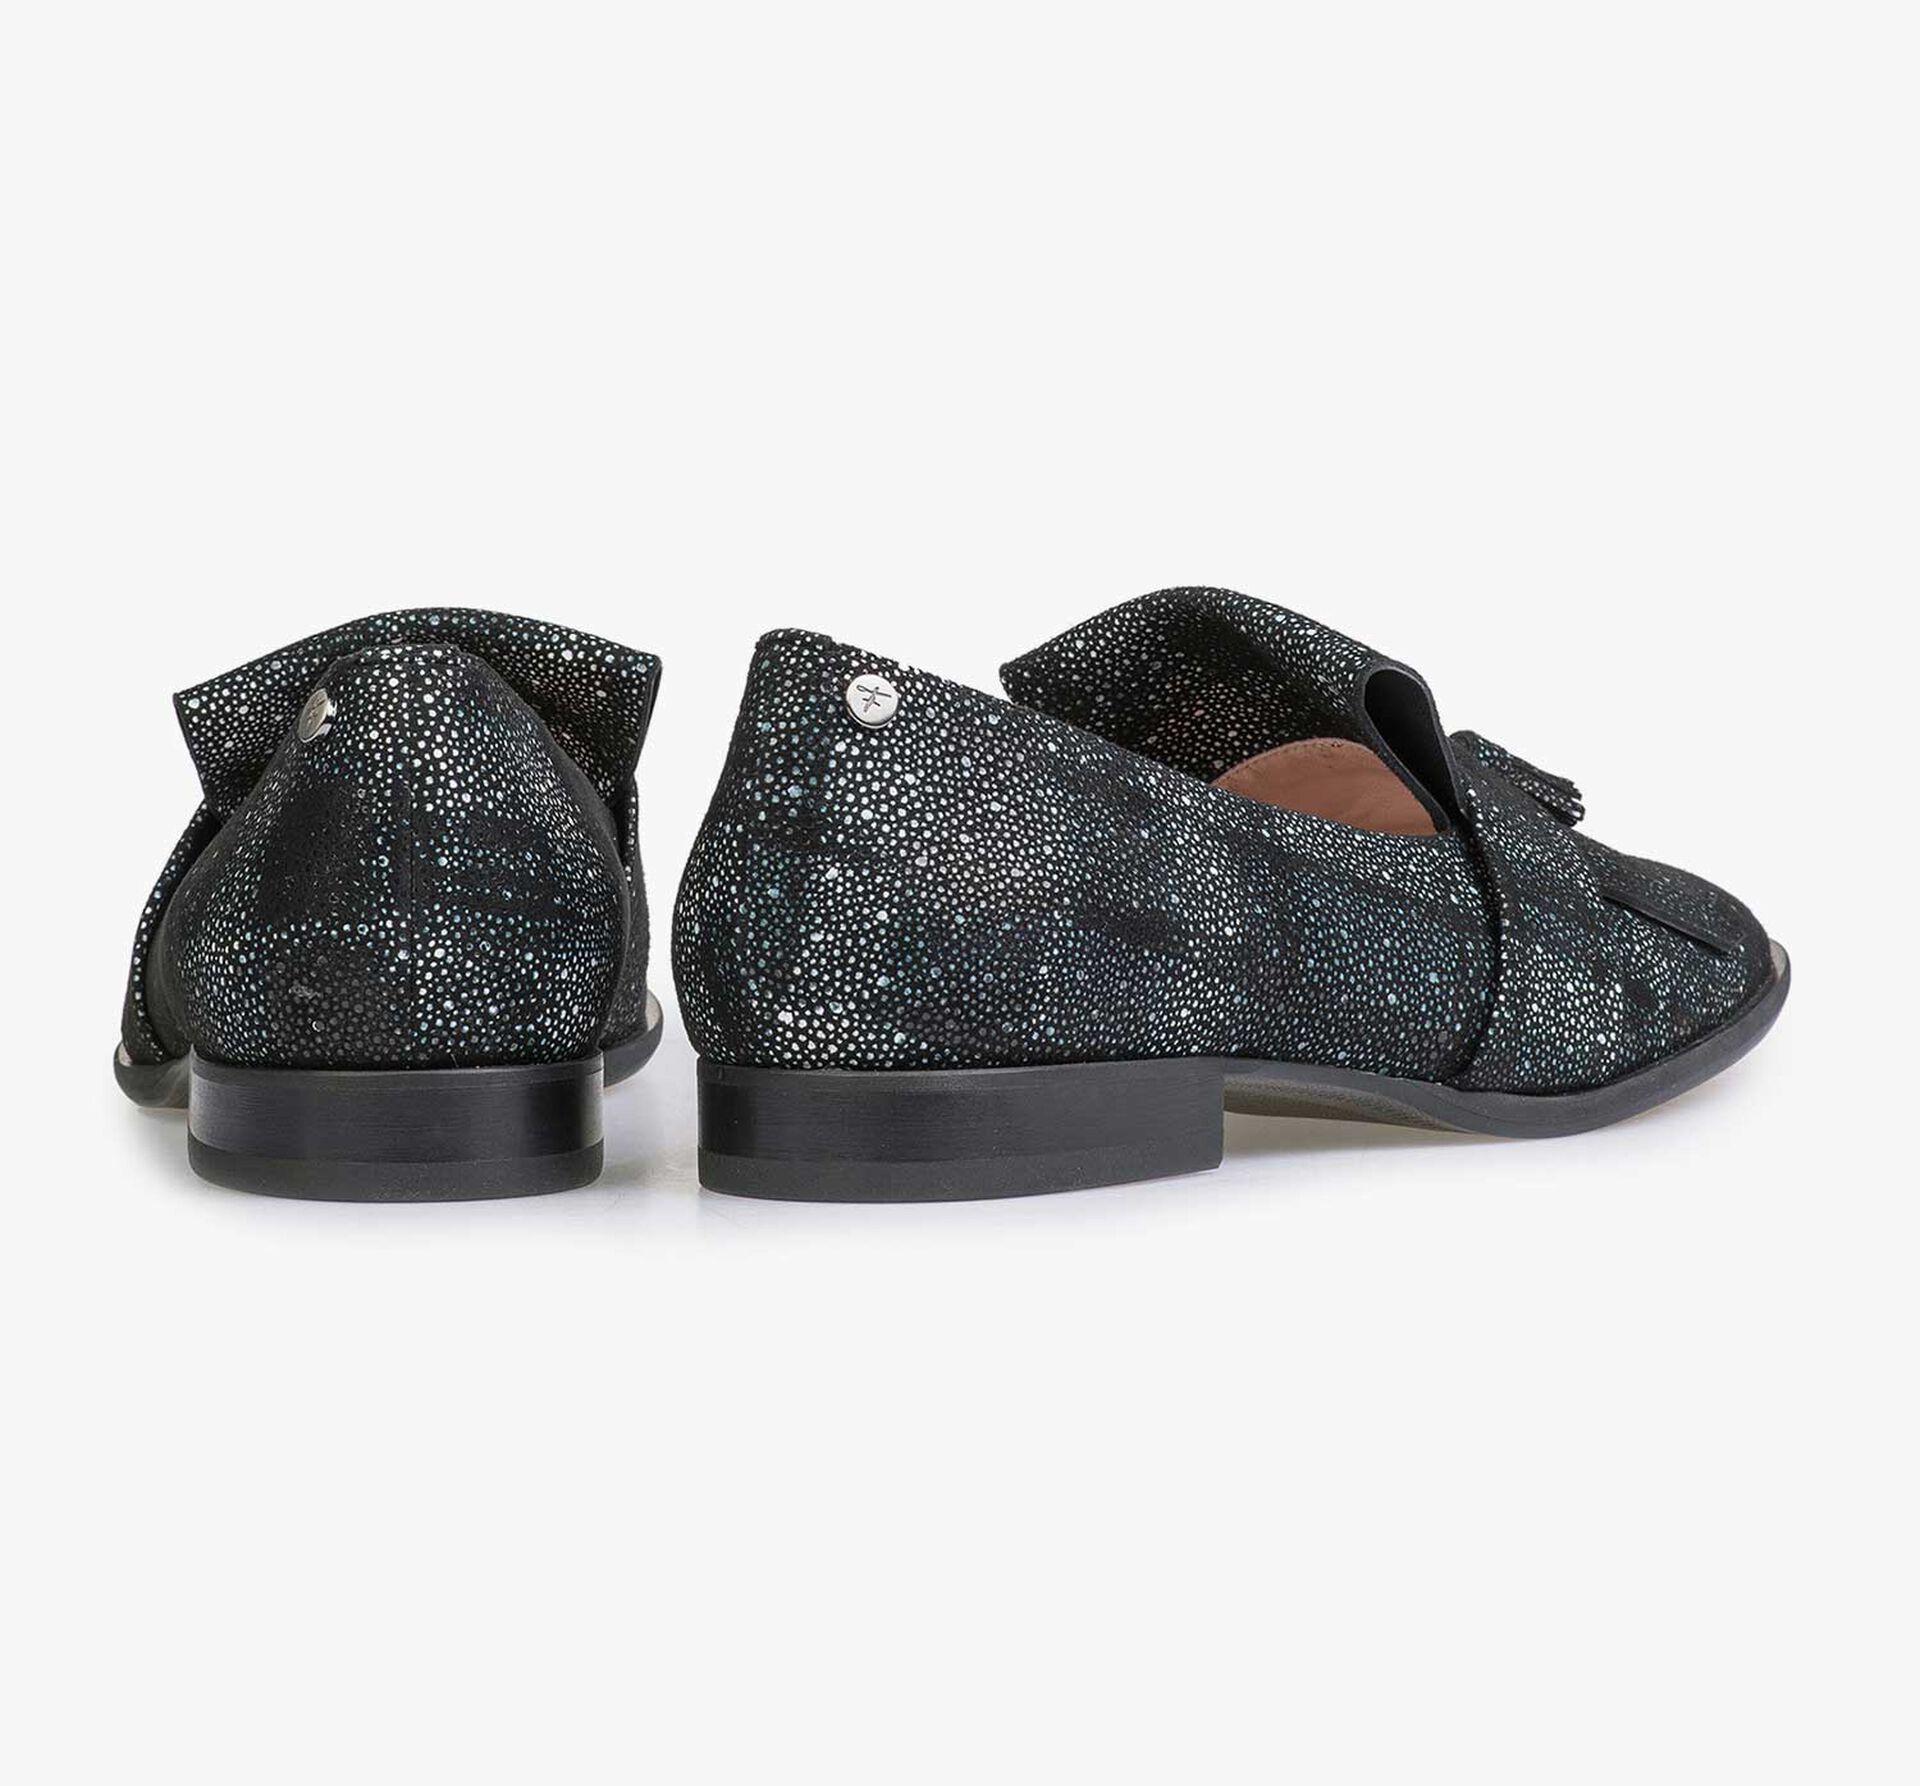 Zwart/blauwe leren loafer met ruitenpatroon